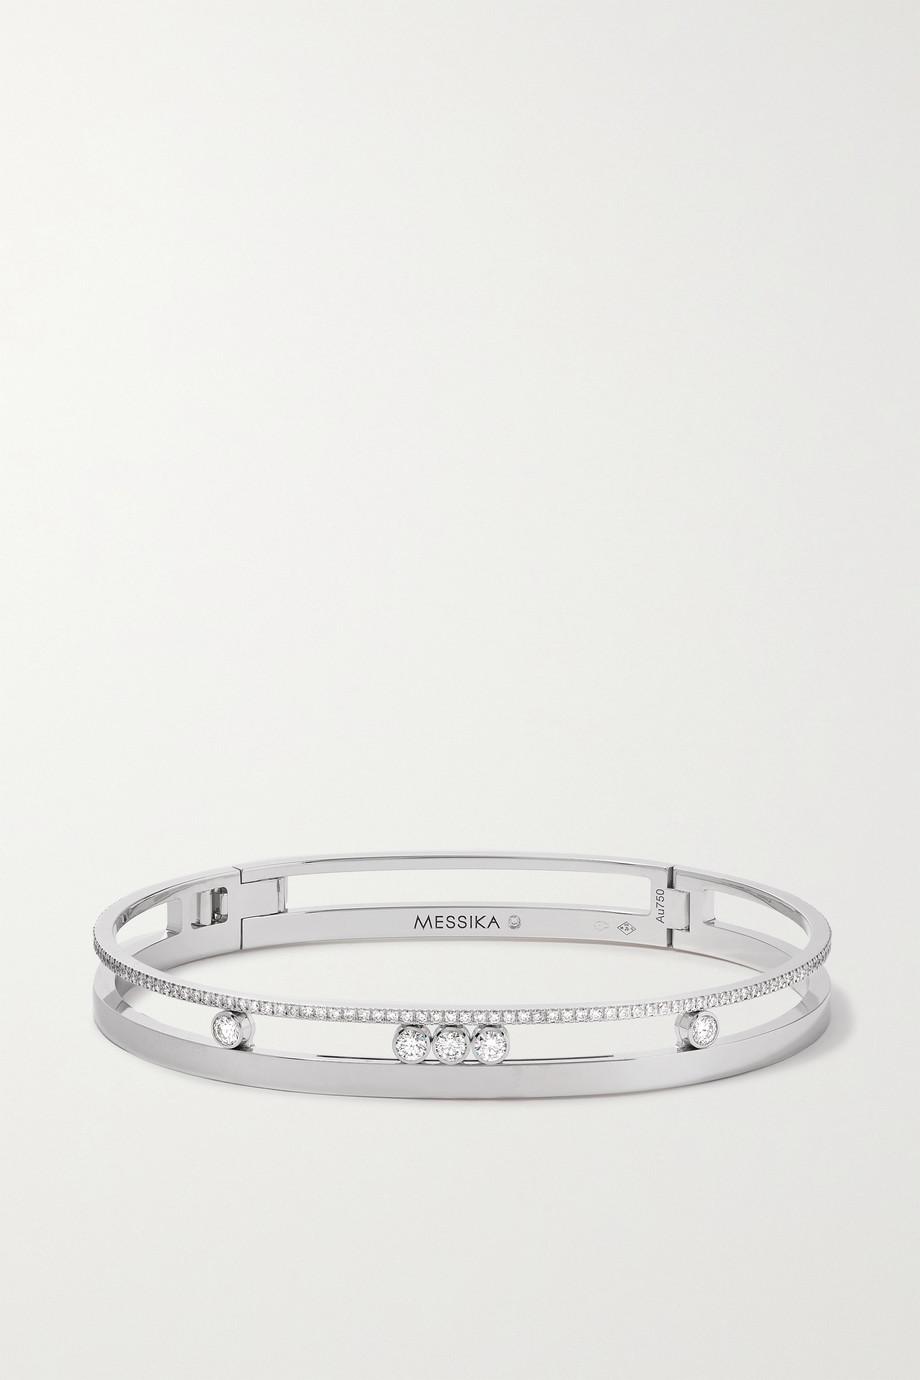 Messika Bracelet en or blanc 18 carats (750/1000) et diamants Move Romane